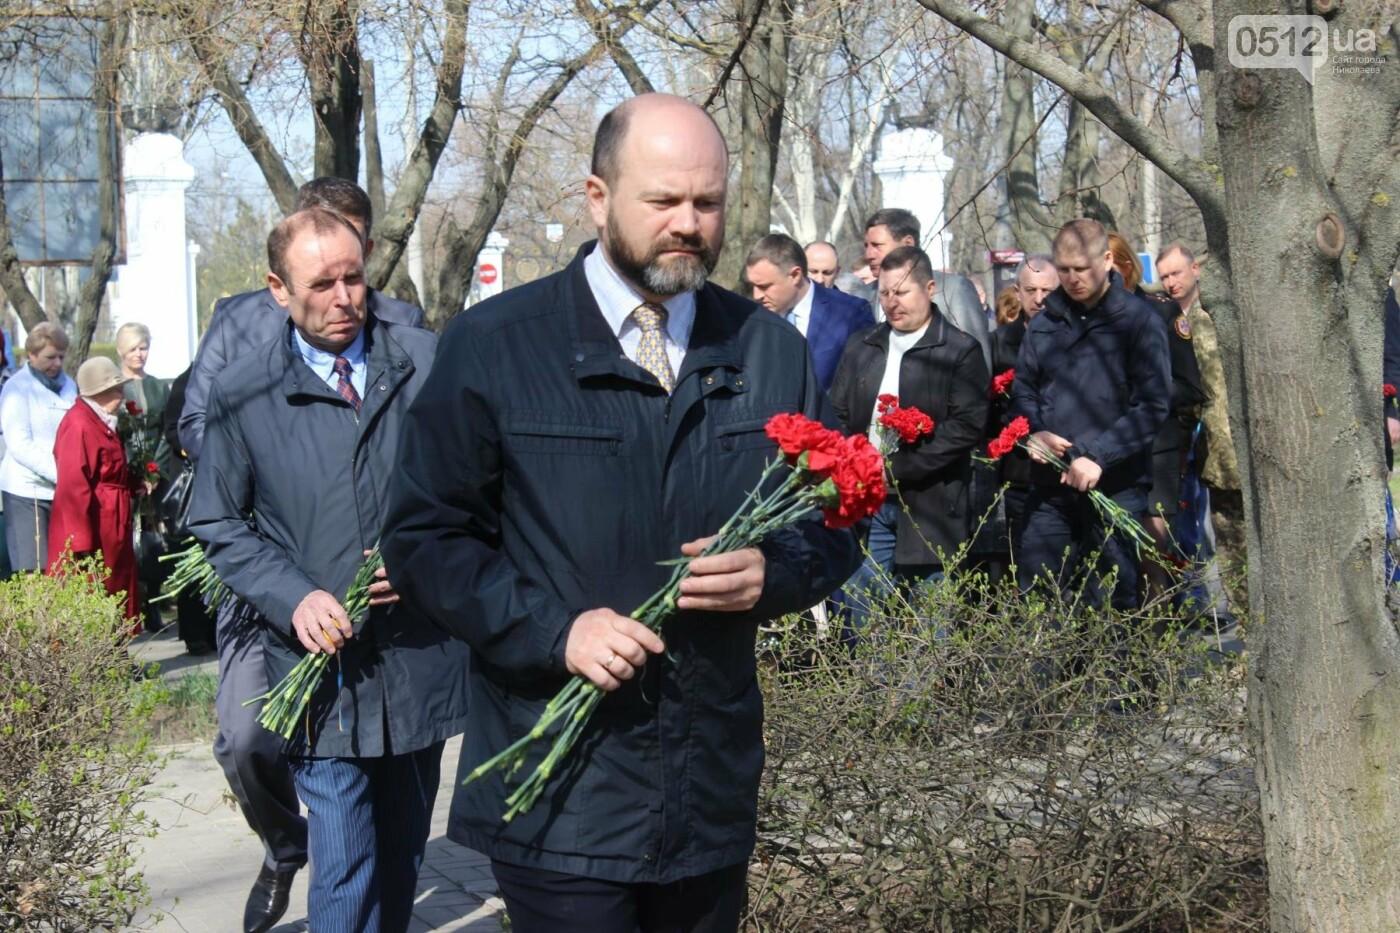 Николаевцы почтили память узников концлагерей, - ФОТО, фото-10